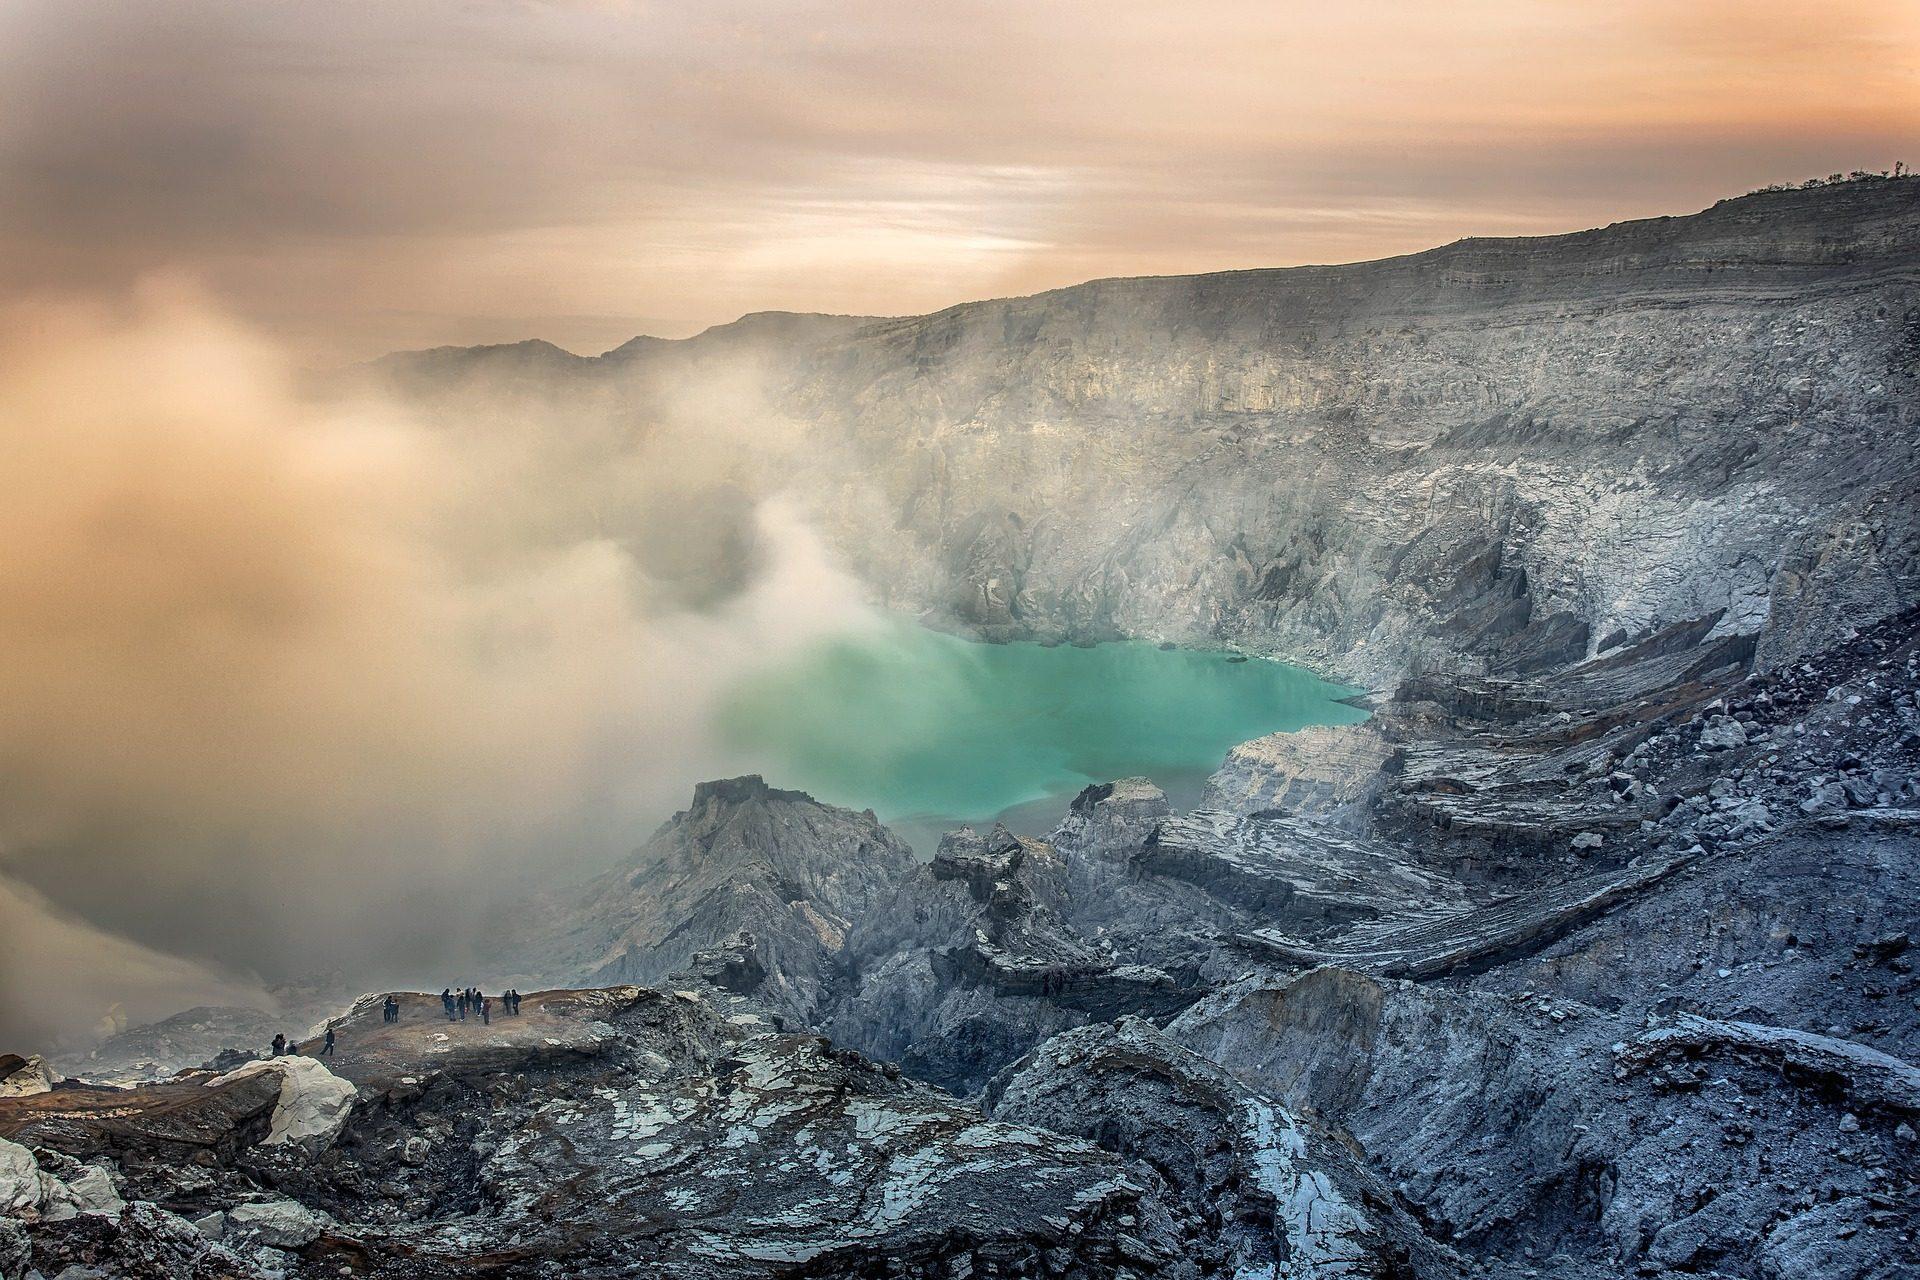 Ηφαίστειο, cráter, κίνδυνος, νερό, Λίμνη, θείο, Ινδονησία - Wallpapers HD - Professor-falken.com